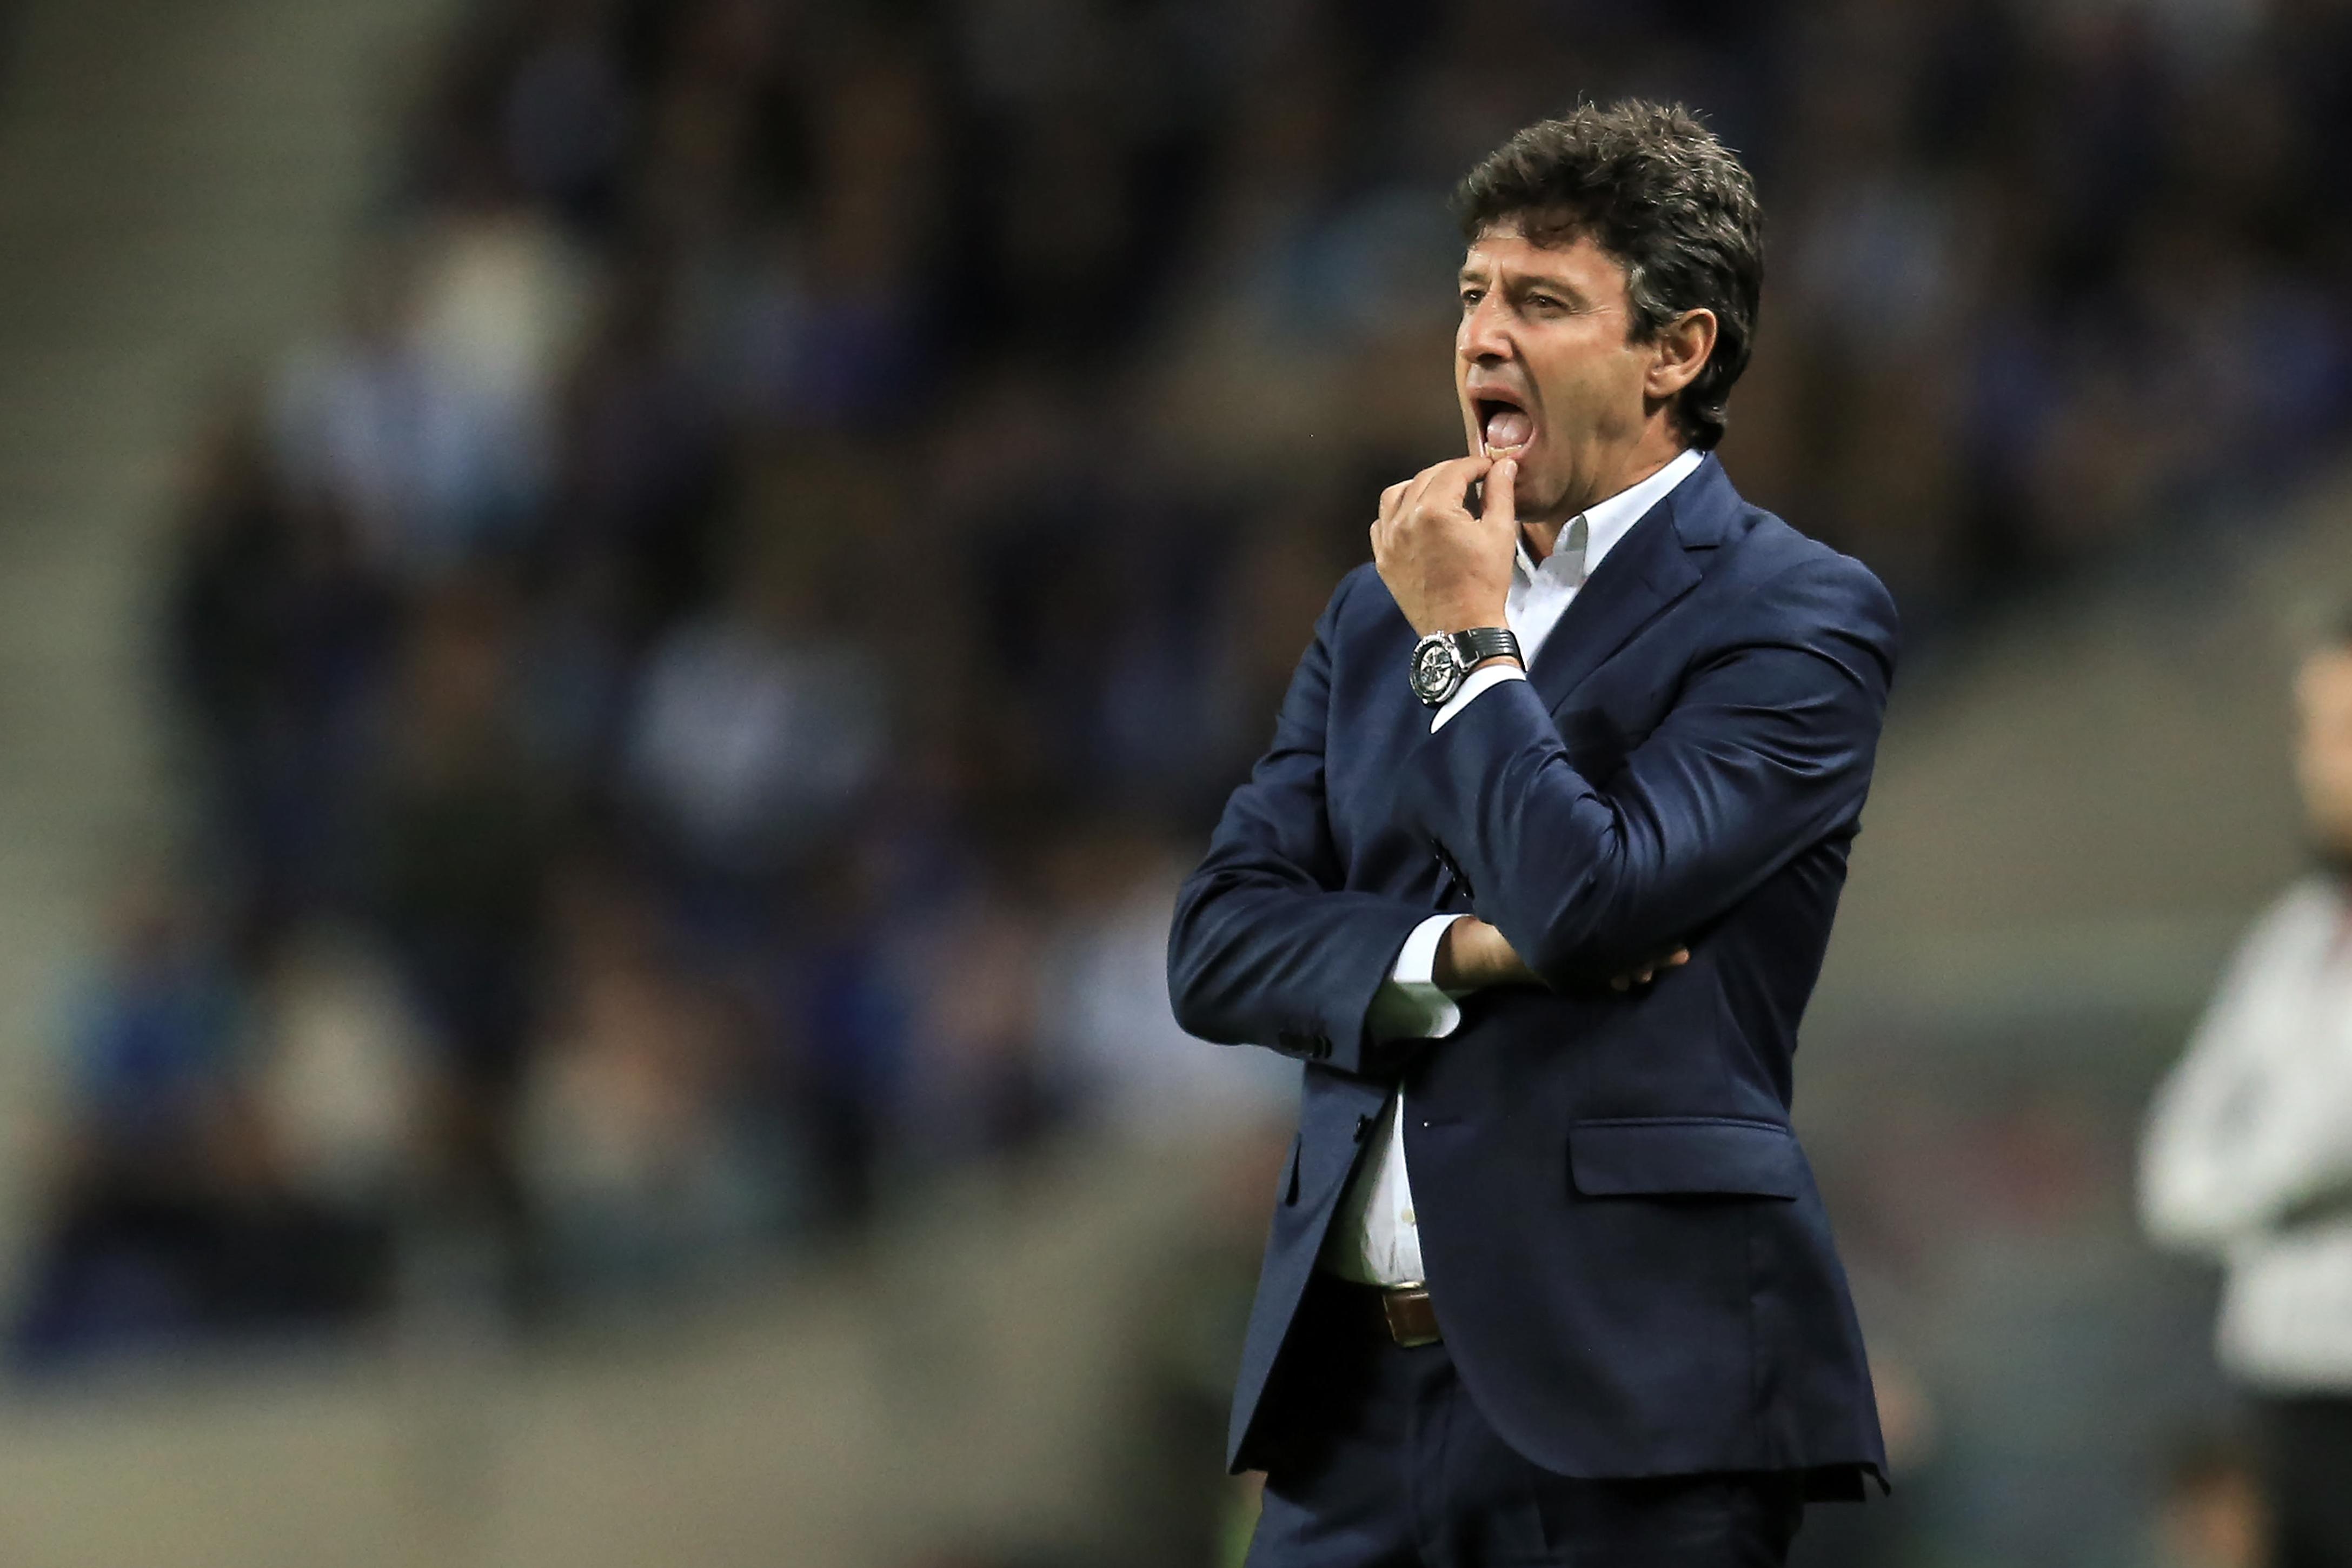 Qual o seu prognóstico para o Sporting vs Belenenses?